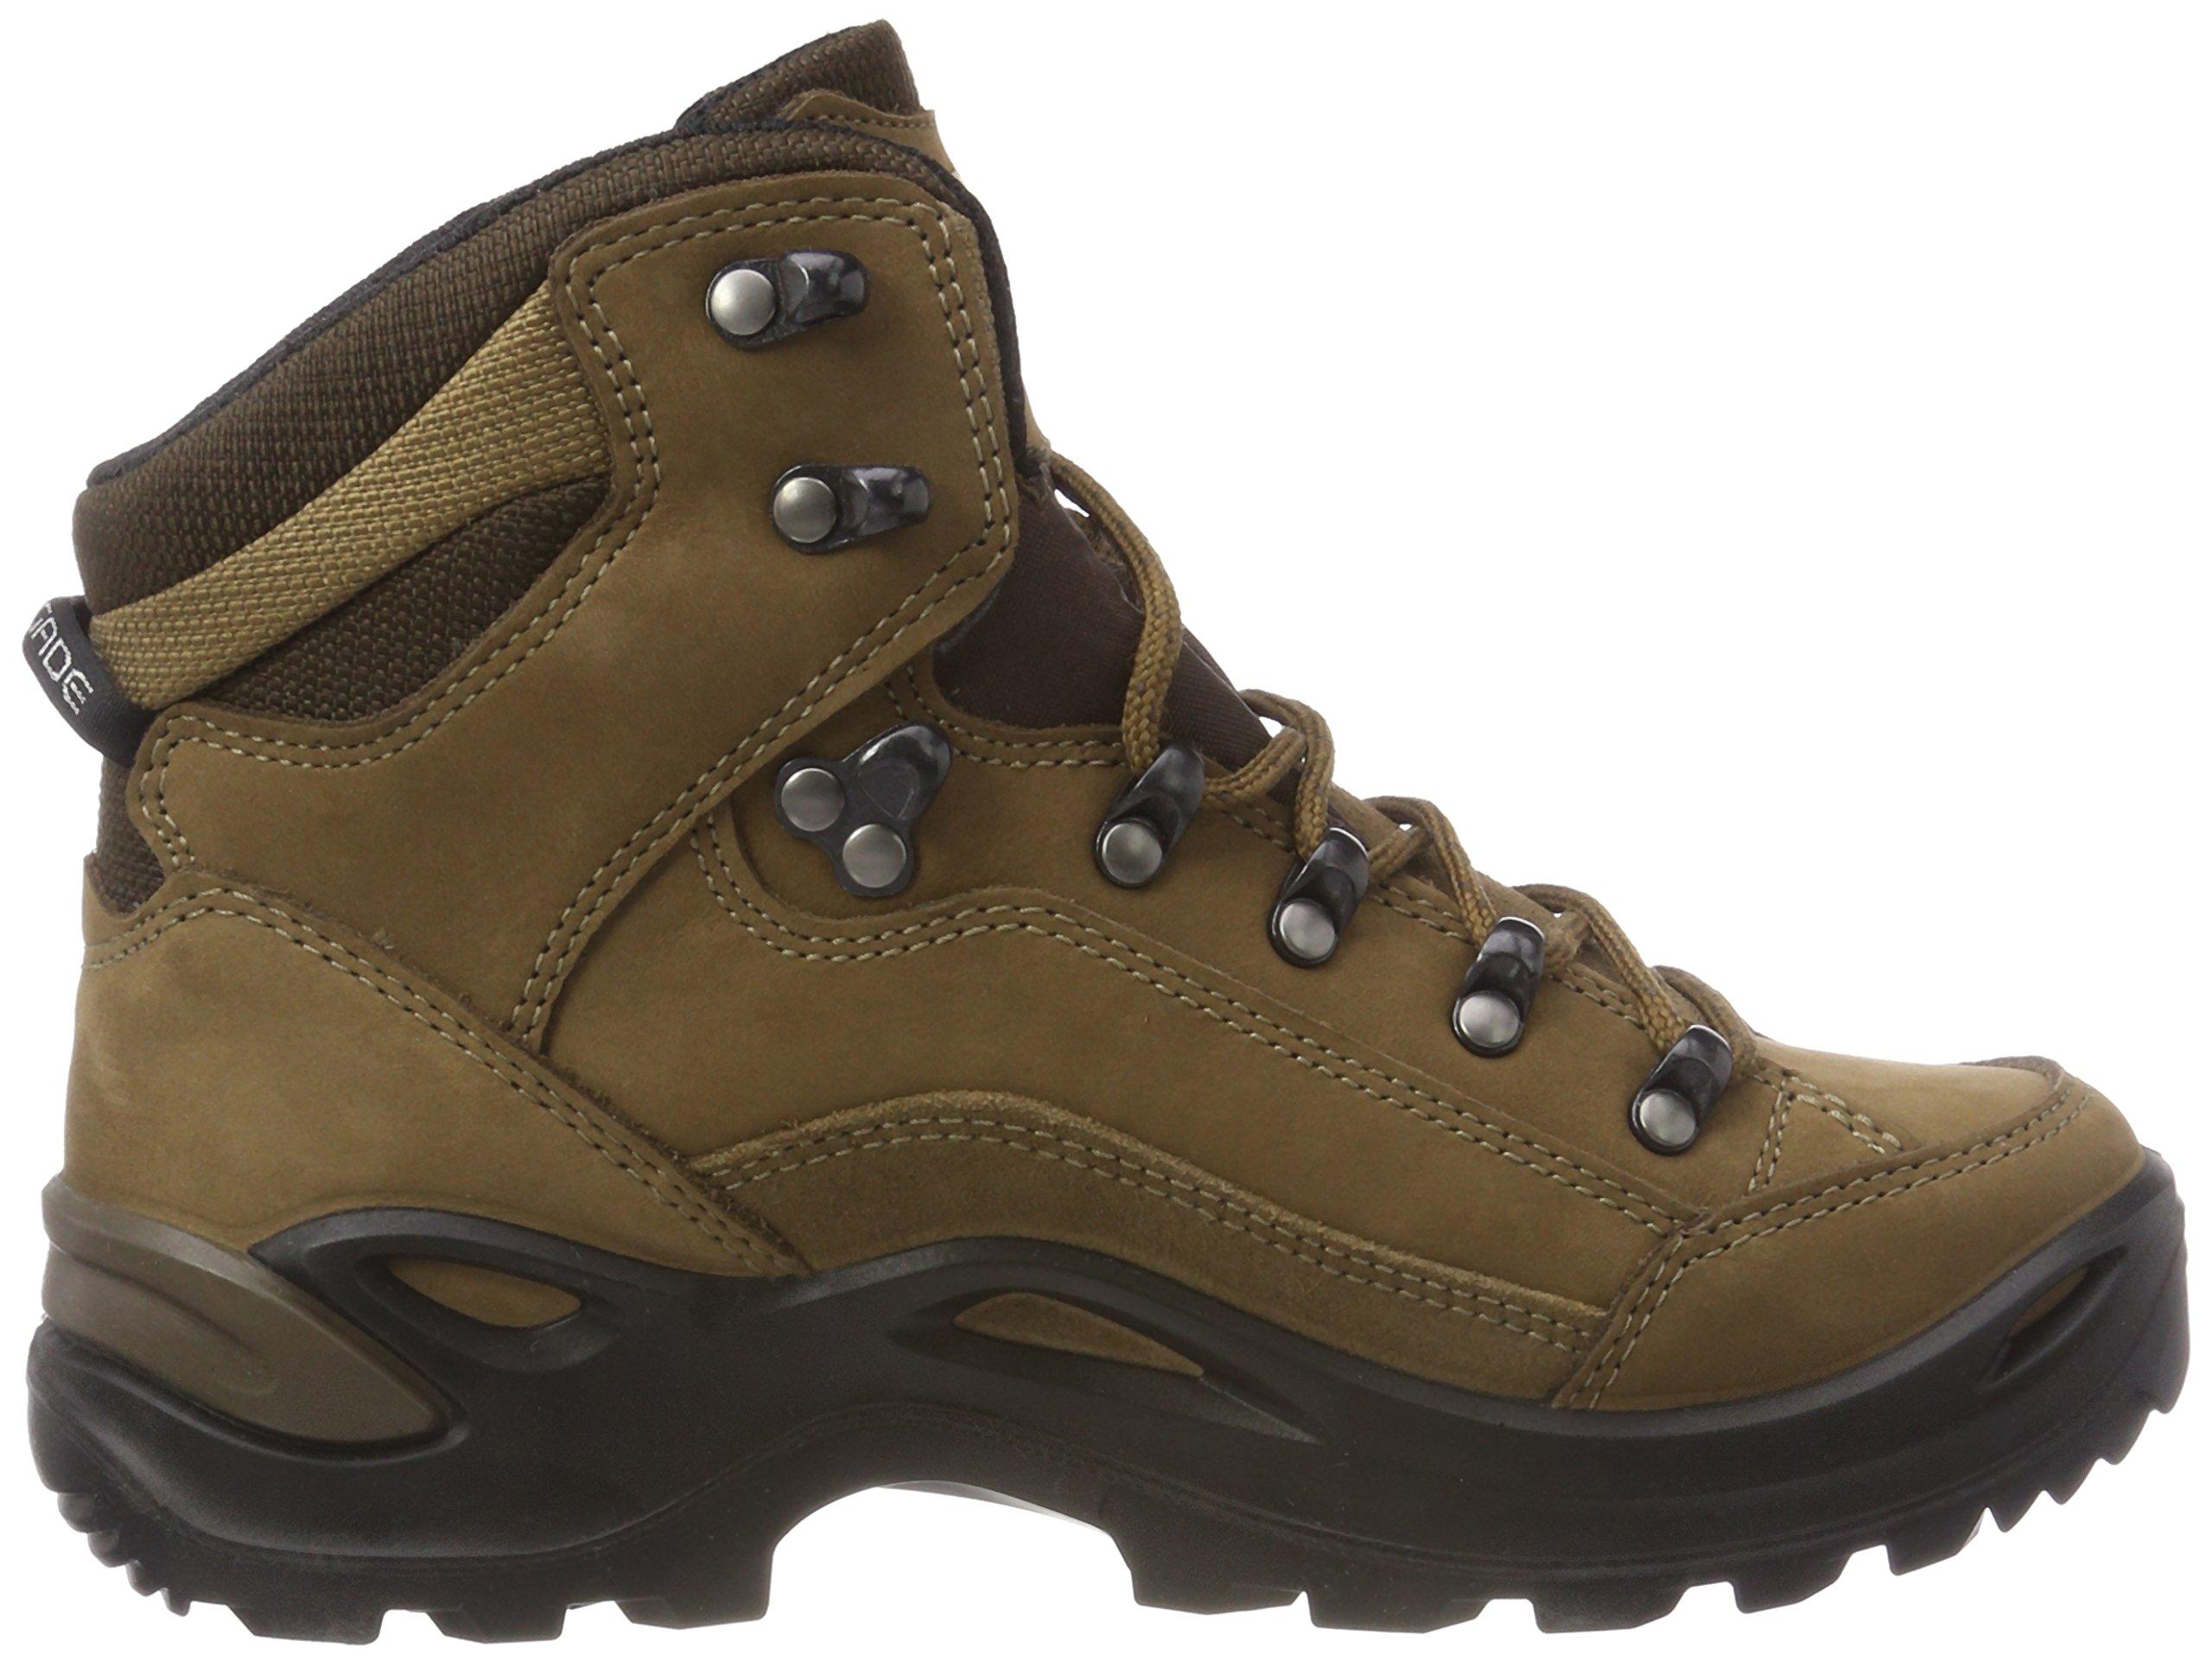 81ztH7w%2Bg9L - Lowa RENAGADE GTX MID Ws 320945/9768 Unisex-Adult Hiking Boot